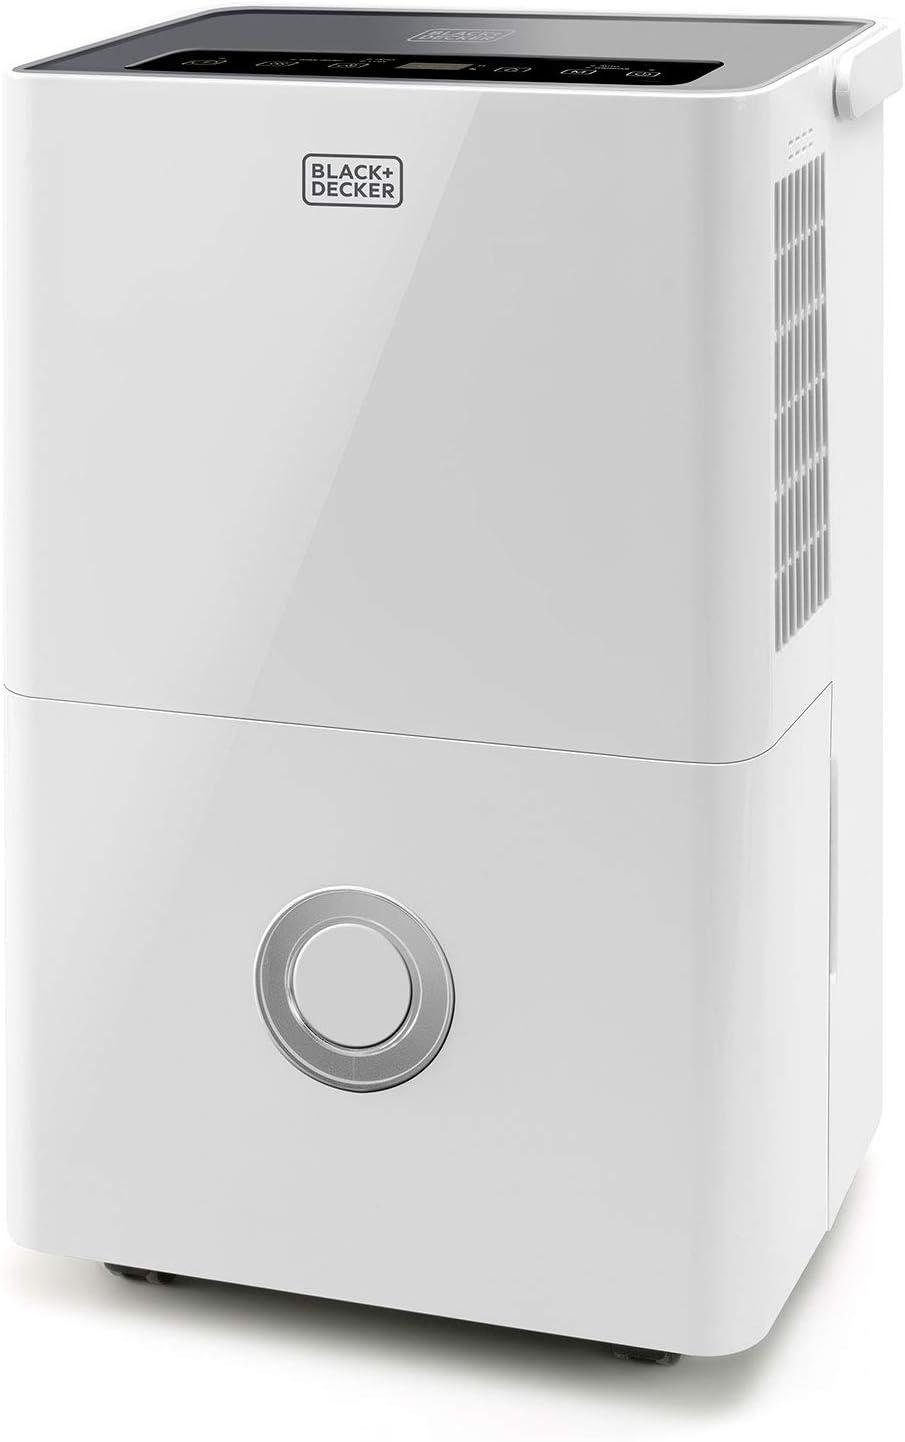 Black+Decker BXDH20E – Deshumidificador y purificador de aire 2 en 1. Depósito de 4L. 20L/24h. Filtro HEPA13. Función secado de la ropa. 2 velocidades. Programable 24h.